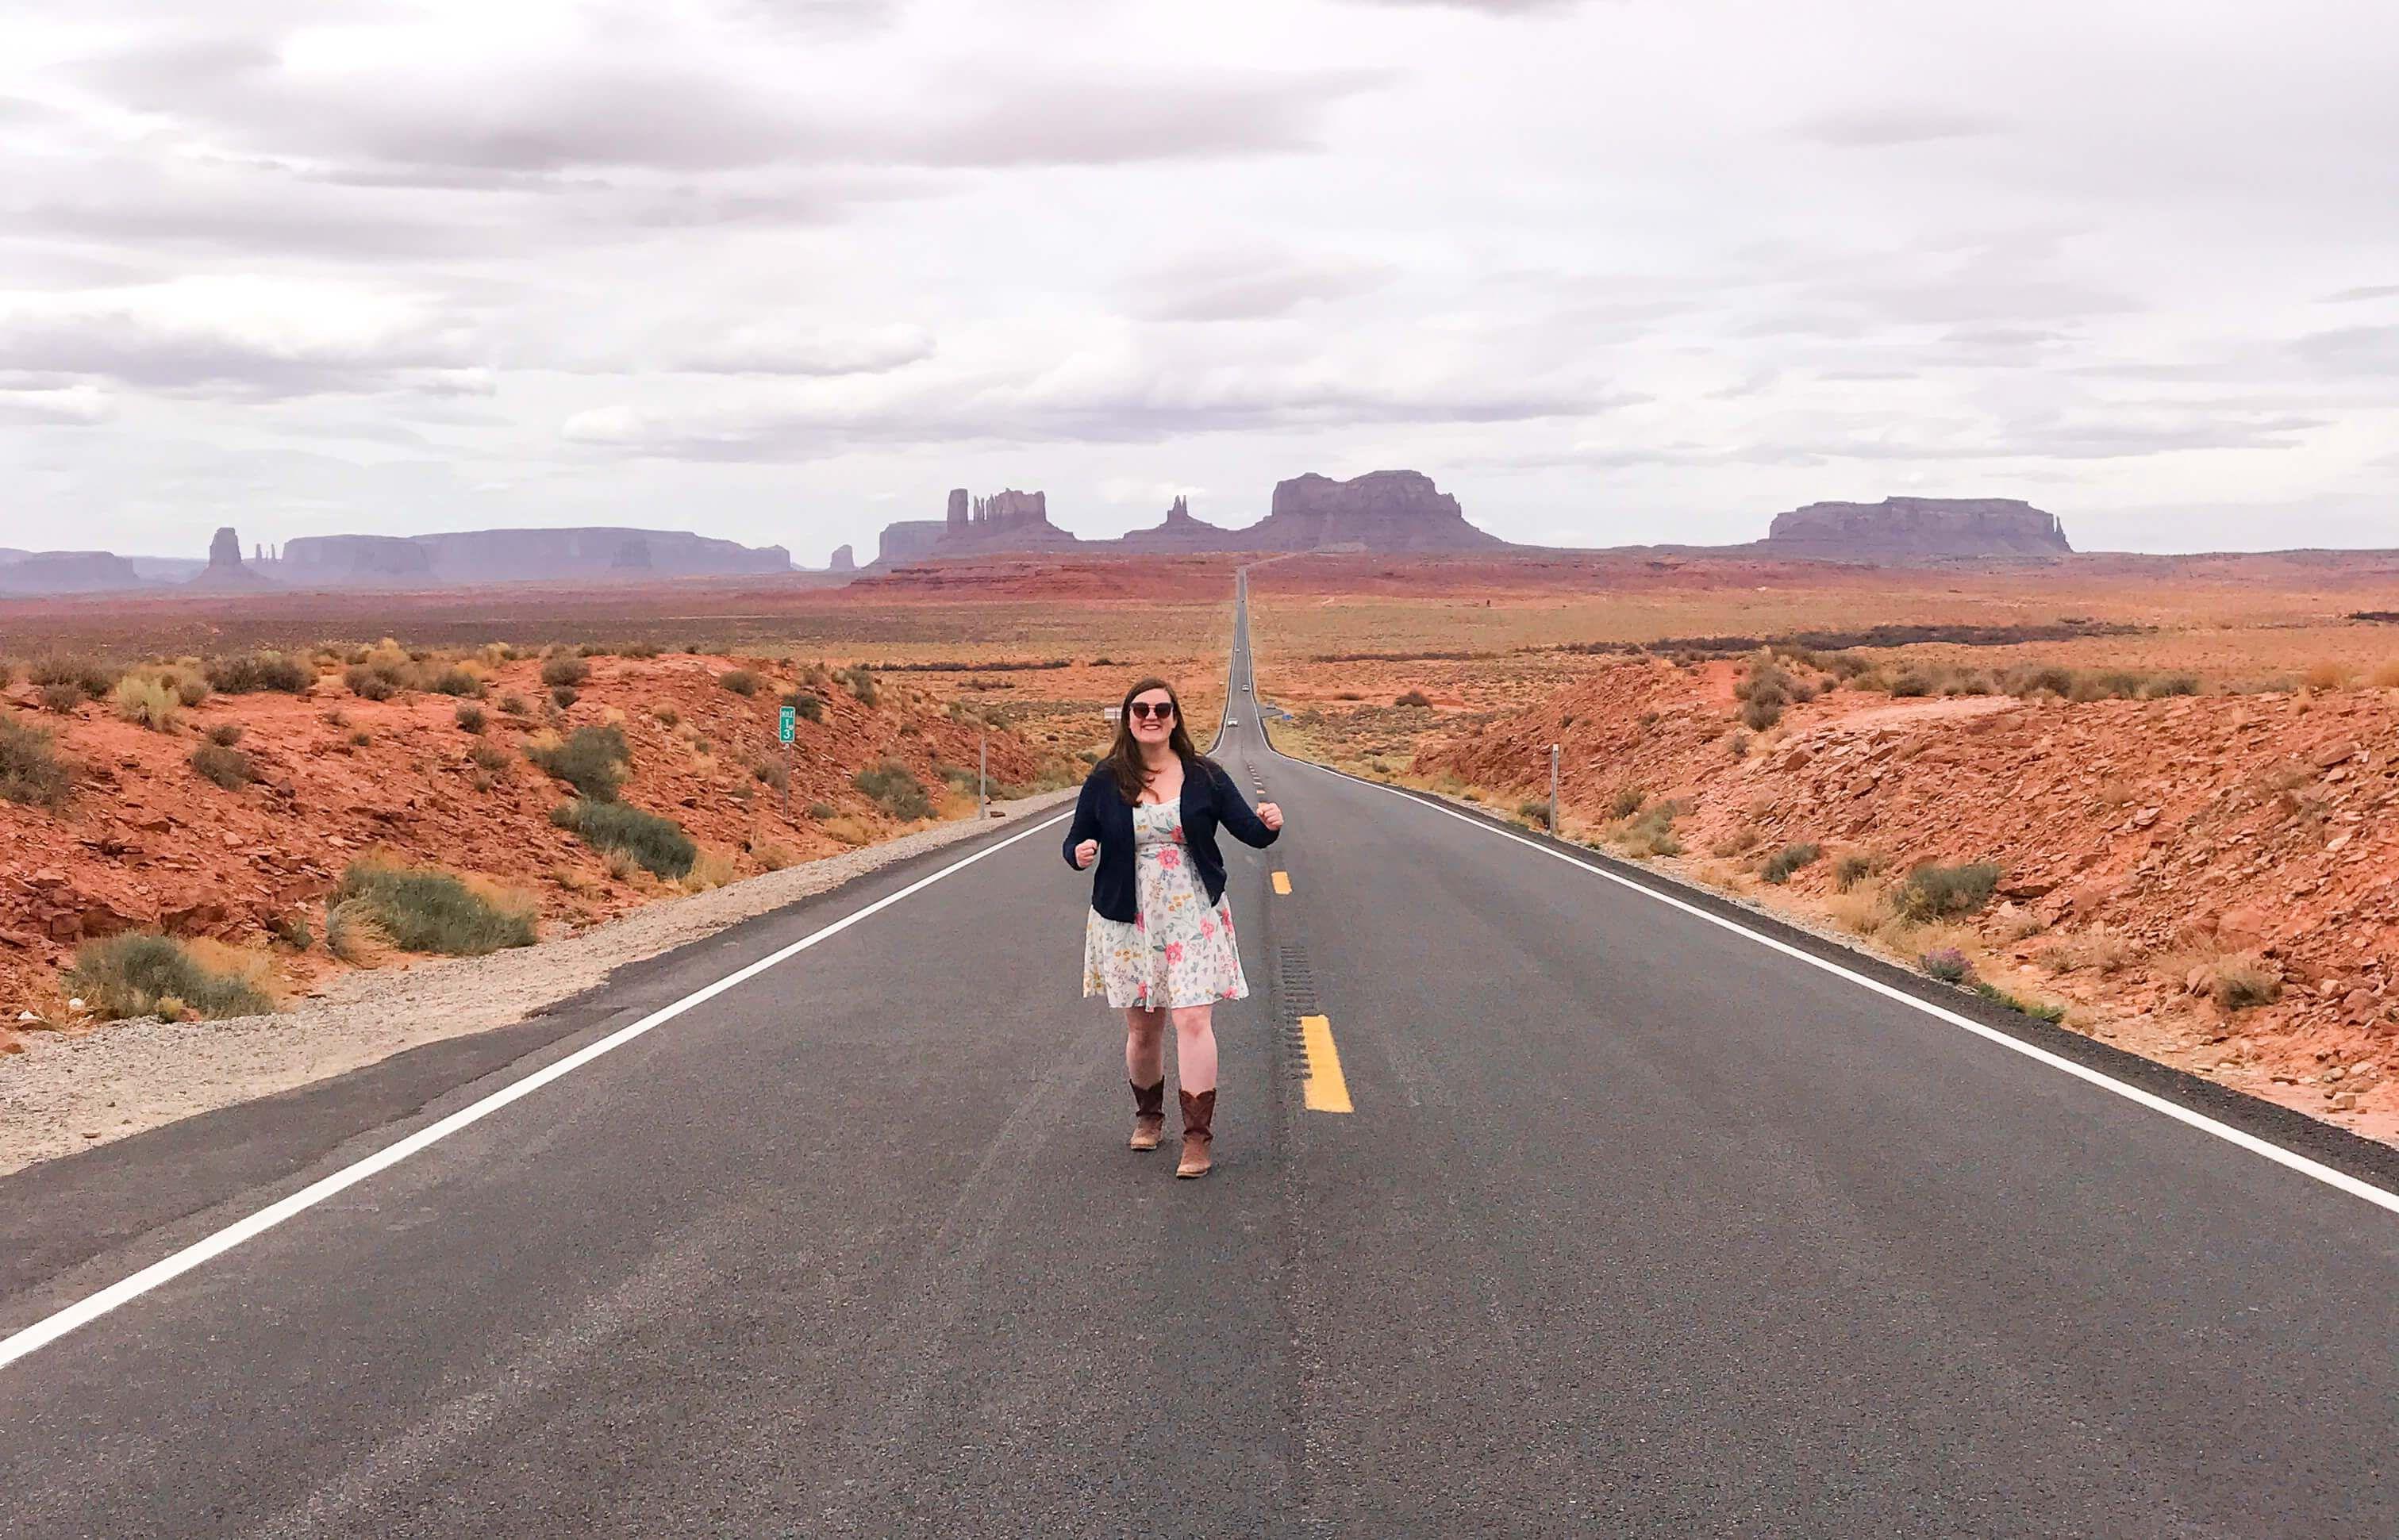 Forrest Gump Monument Valley: Finding Forrest Gump Filming